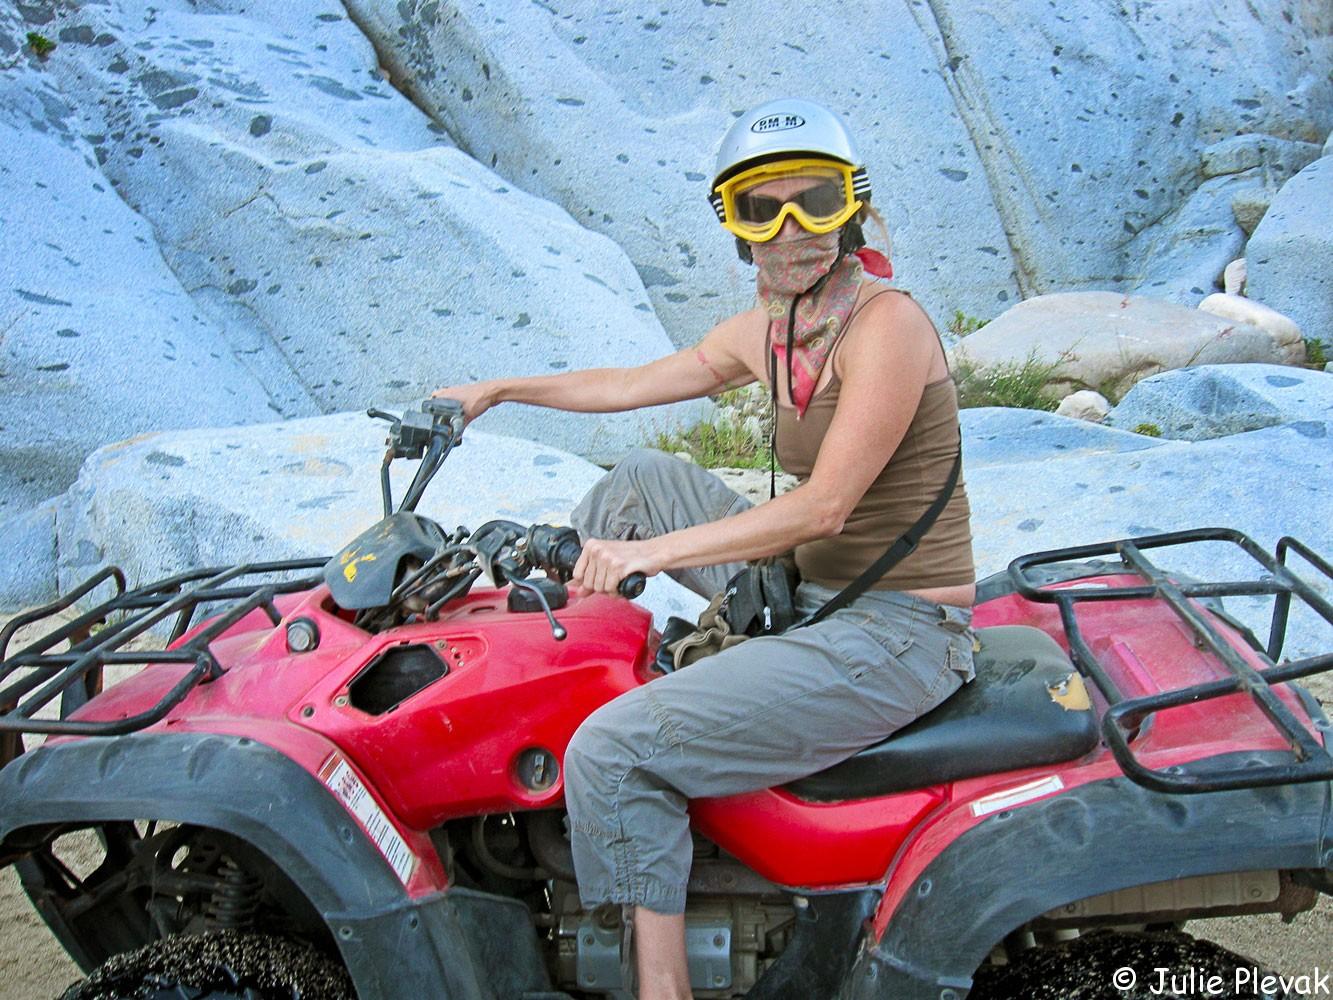 Cabo San Lucas, ATV tour in Cabo San Lucas